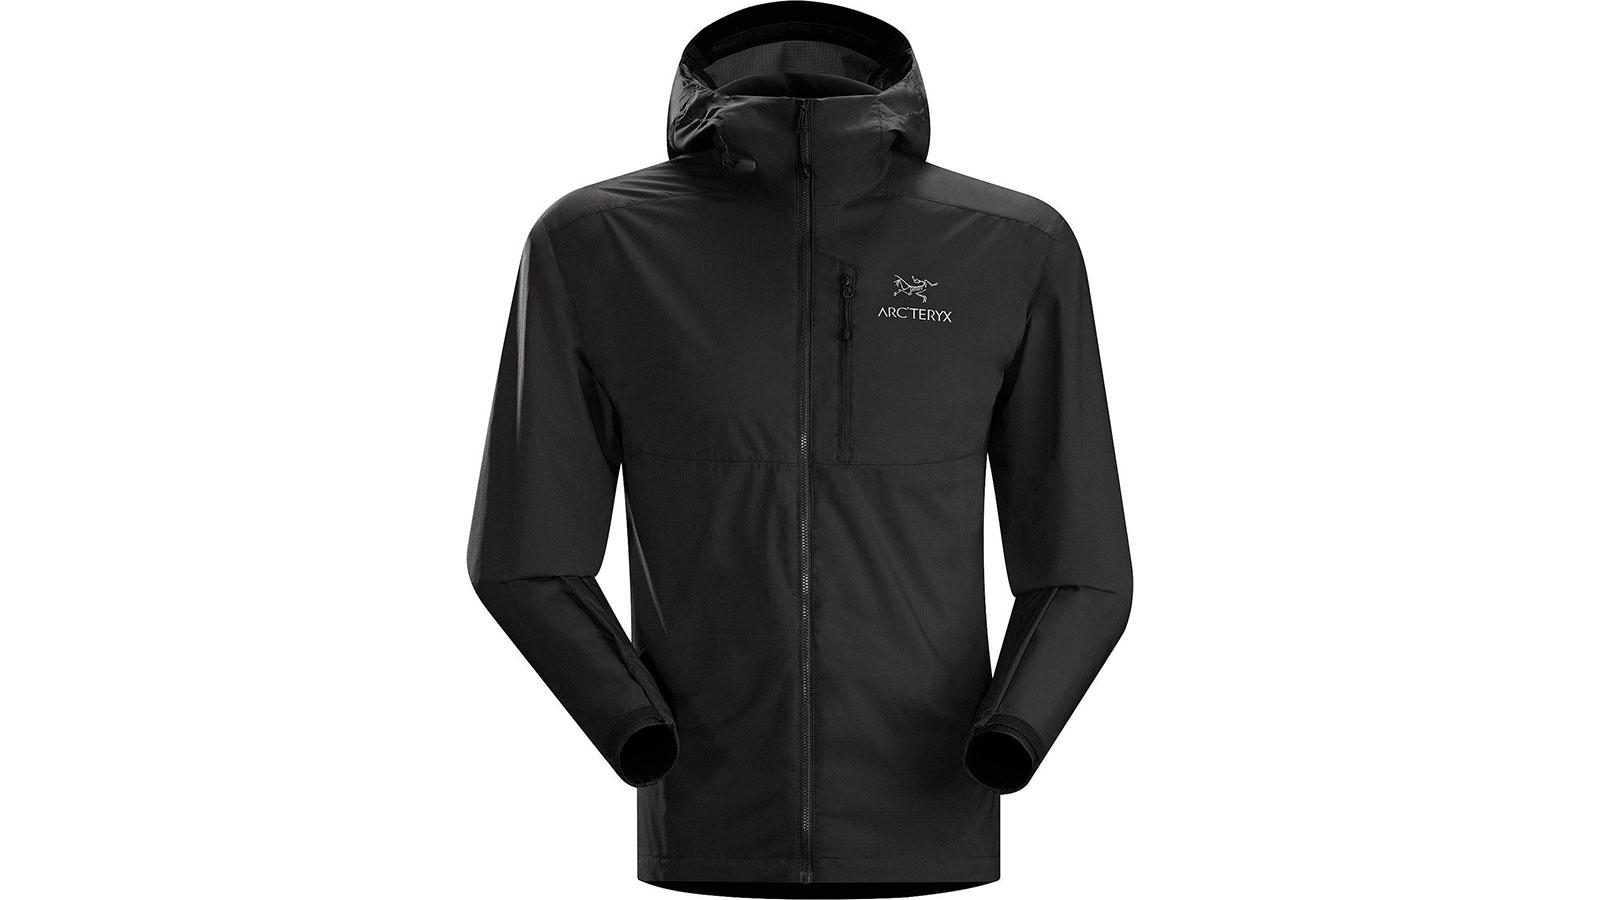 Arc'teryx Squamish Hoody Men's Windbreaker Jacket | the best men's windbreakr jackets